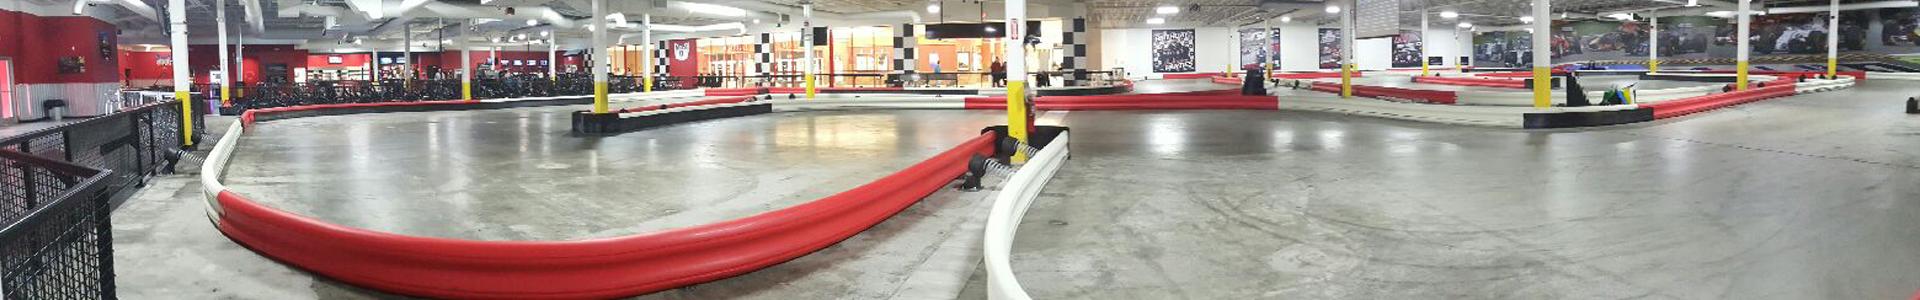 K1 Speed Go Kart Racing Poughkeepsie K1 Speed